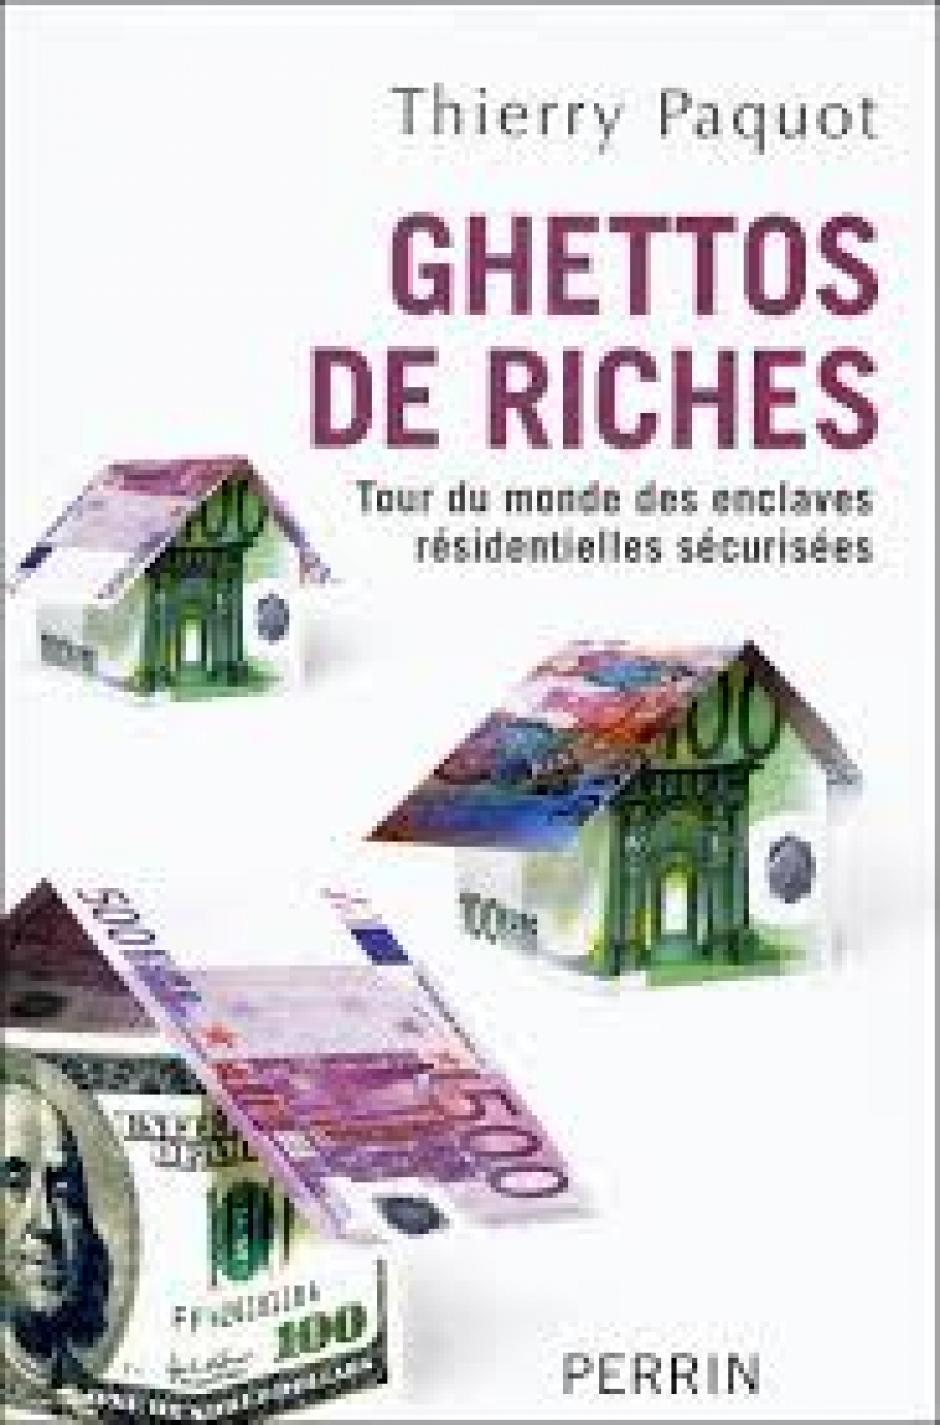 Peurs urbaines, géographie de l'insécurité, Thierry Paquot*